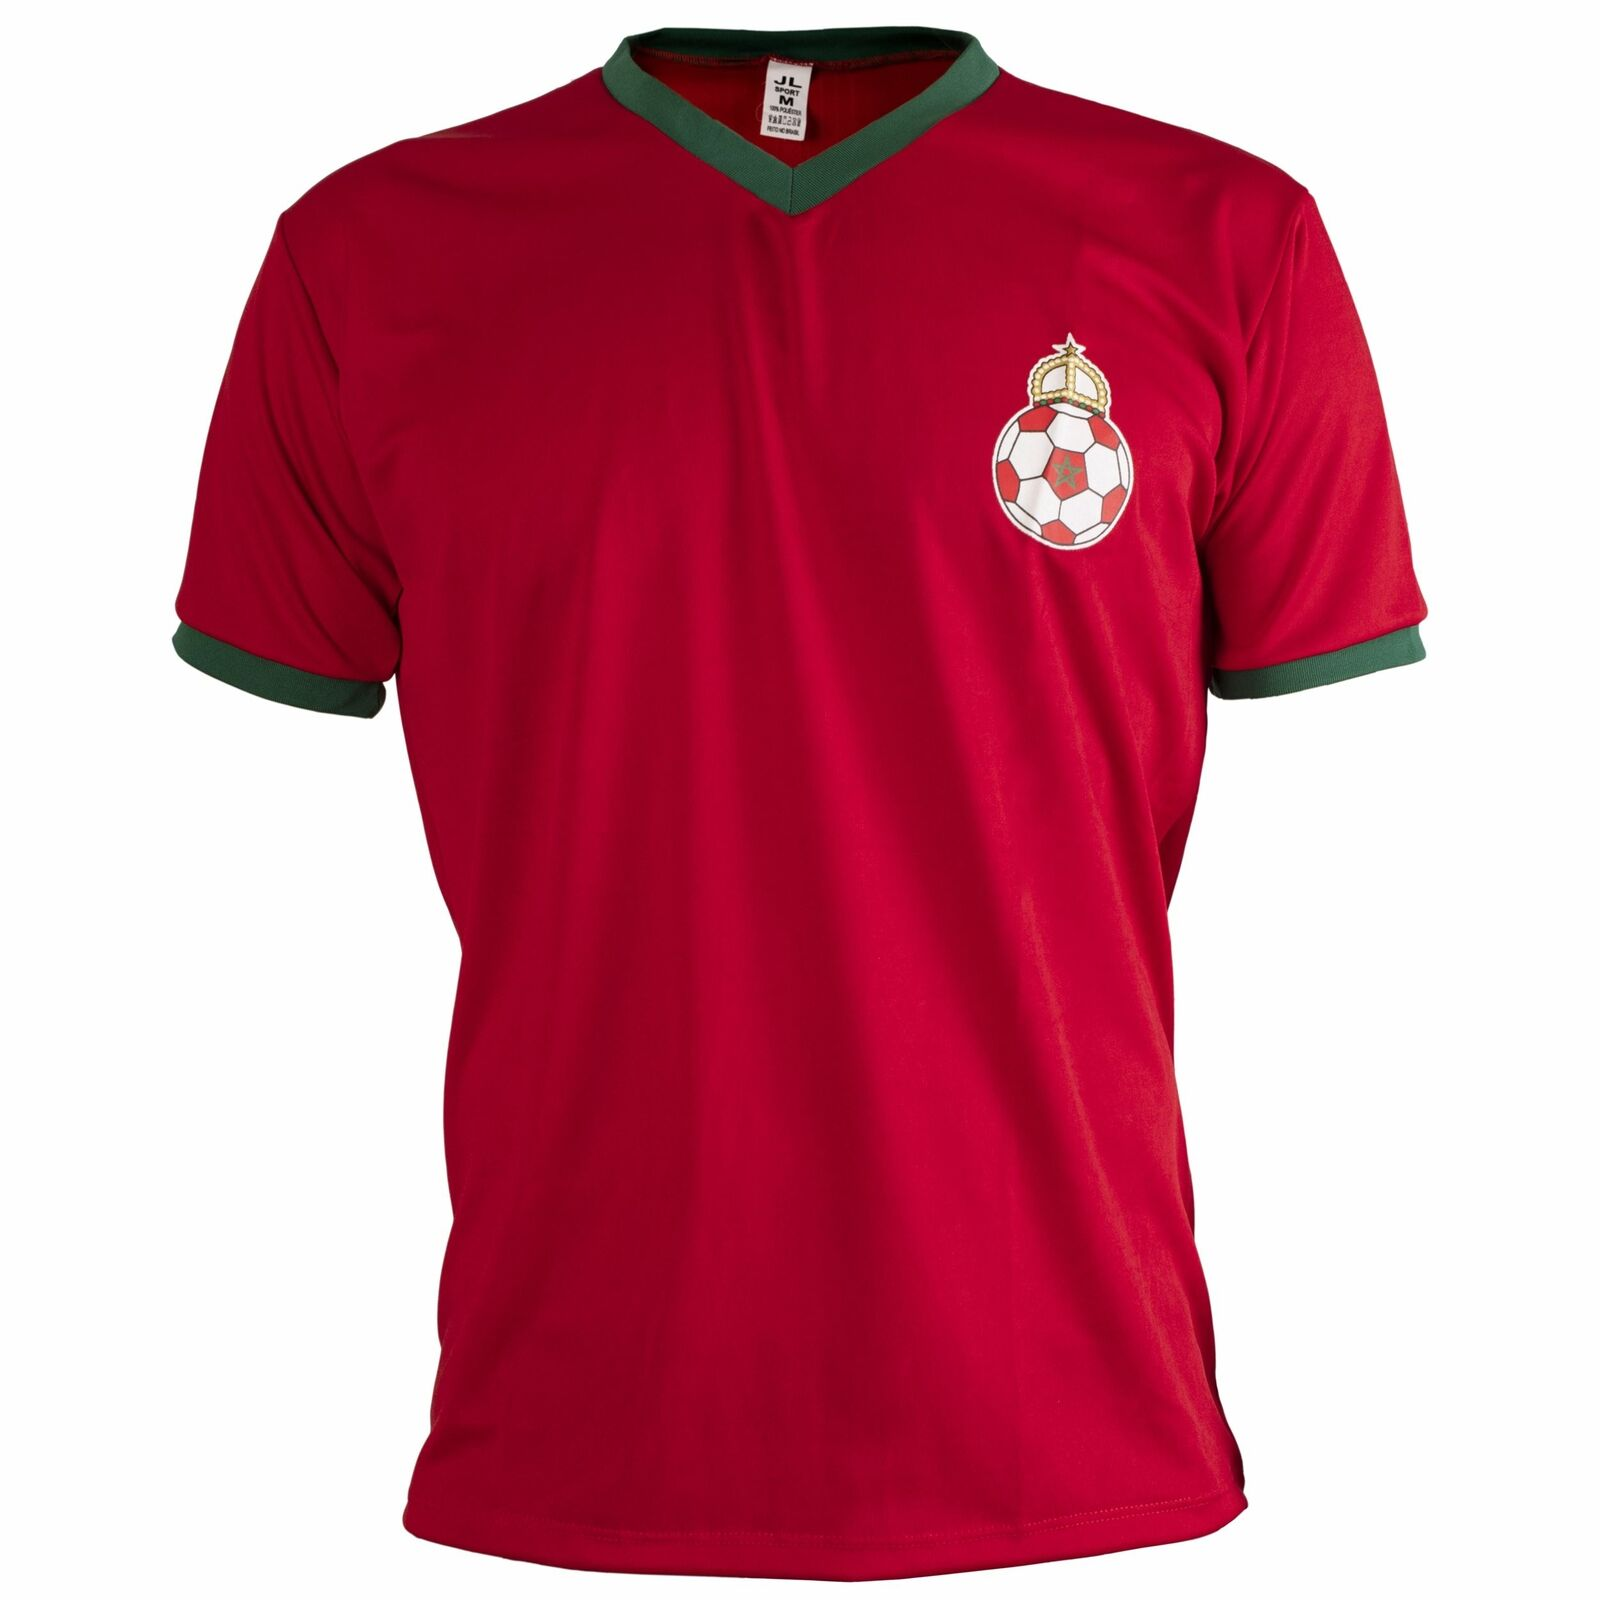 Marokko Hemd Retro Fußball Kurzärmelig Herren Top  | Vorzüglich